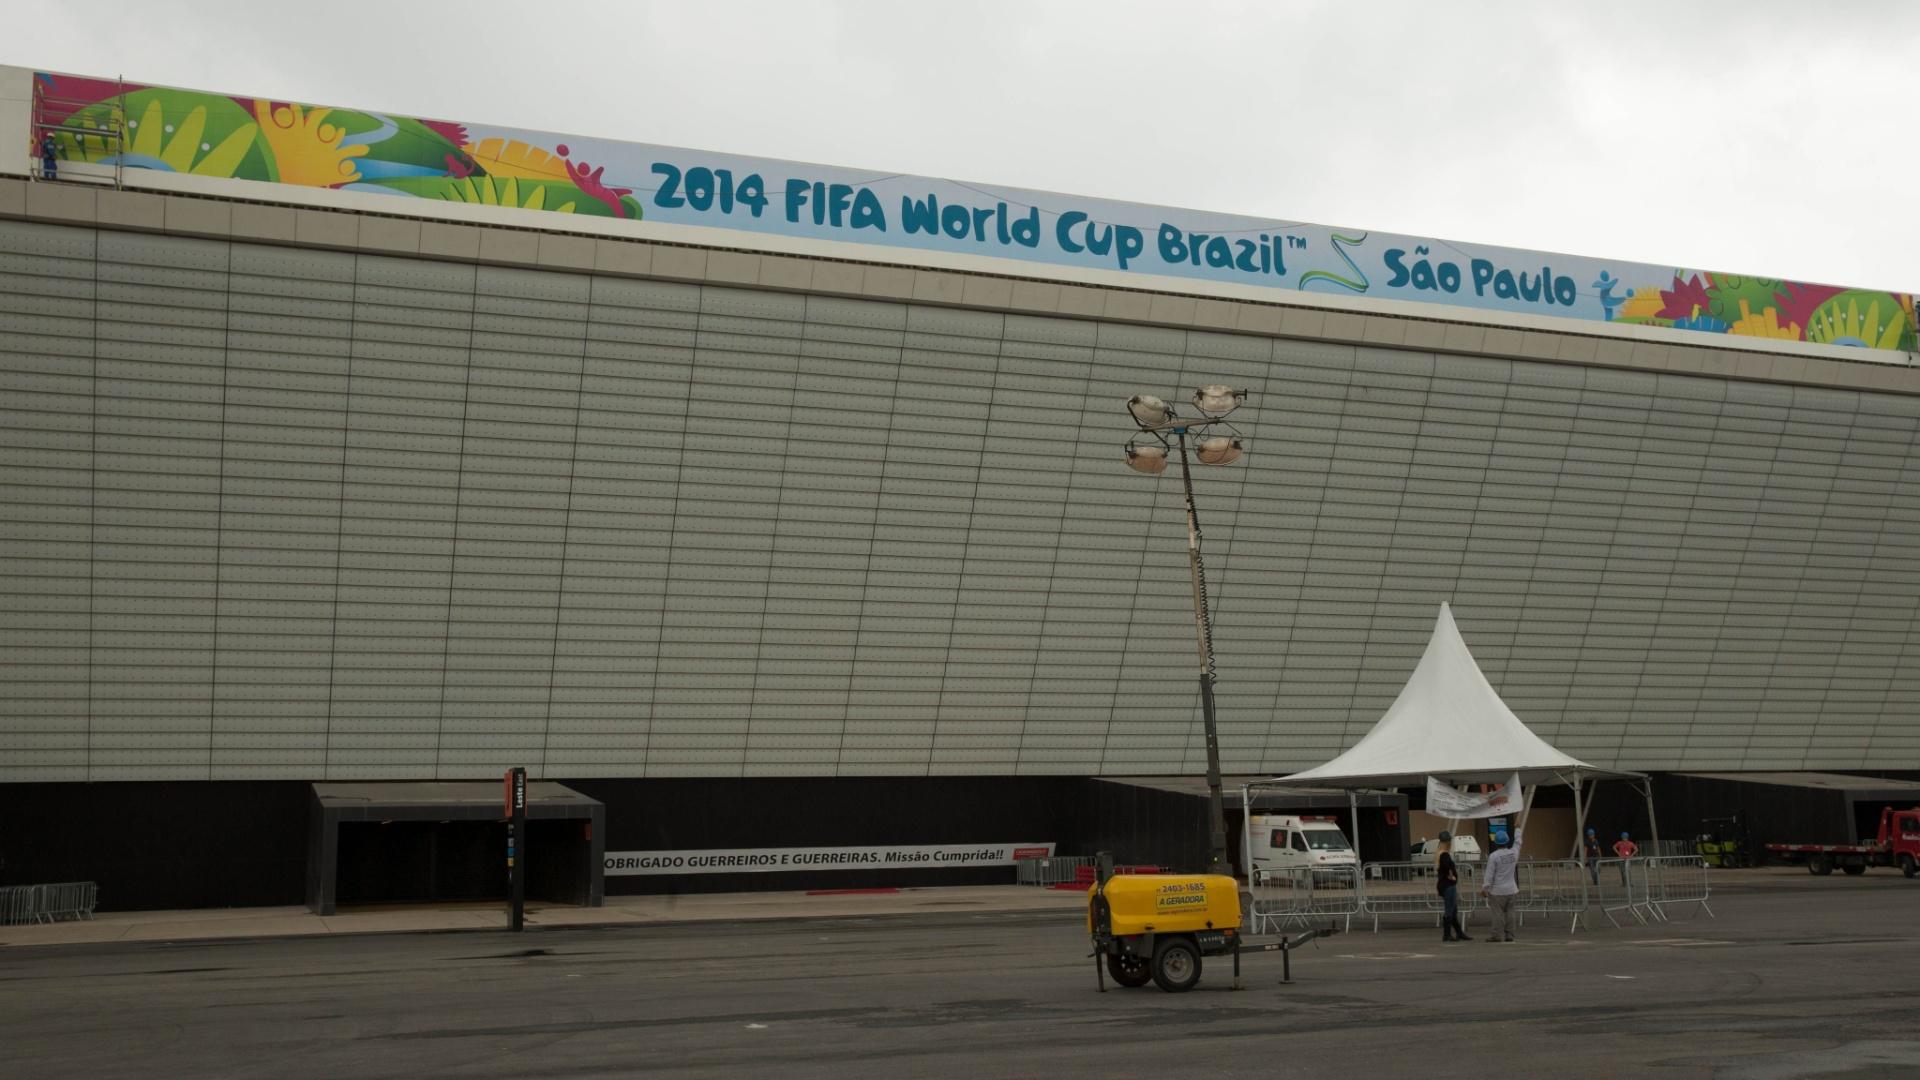 Itaquerão ganha sinalização da Fifa a poucos dias do início da Copa do Mundo no Brasil